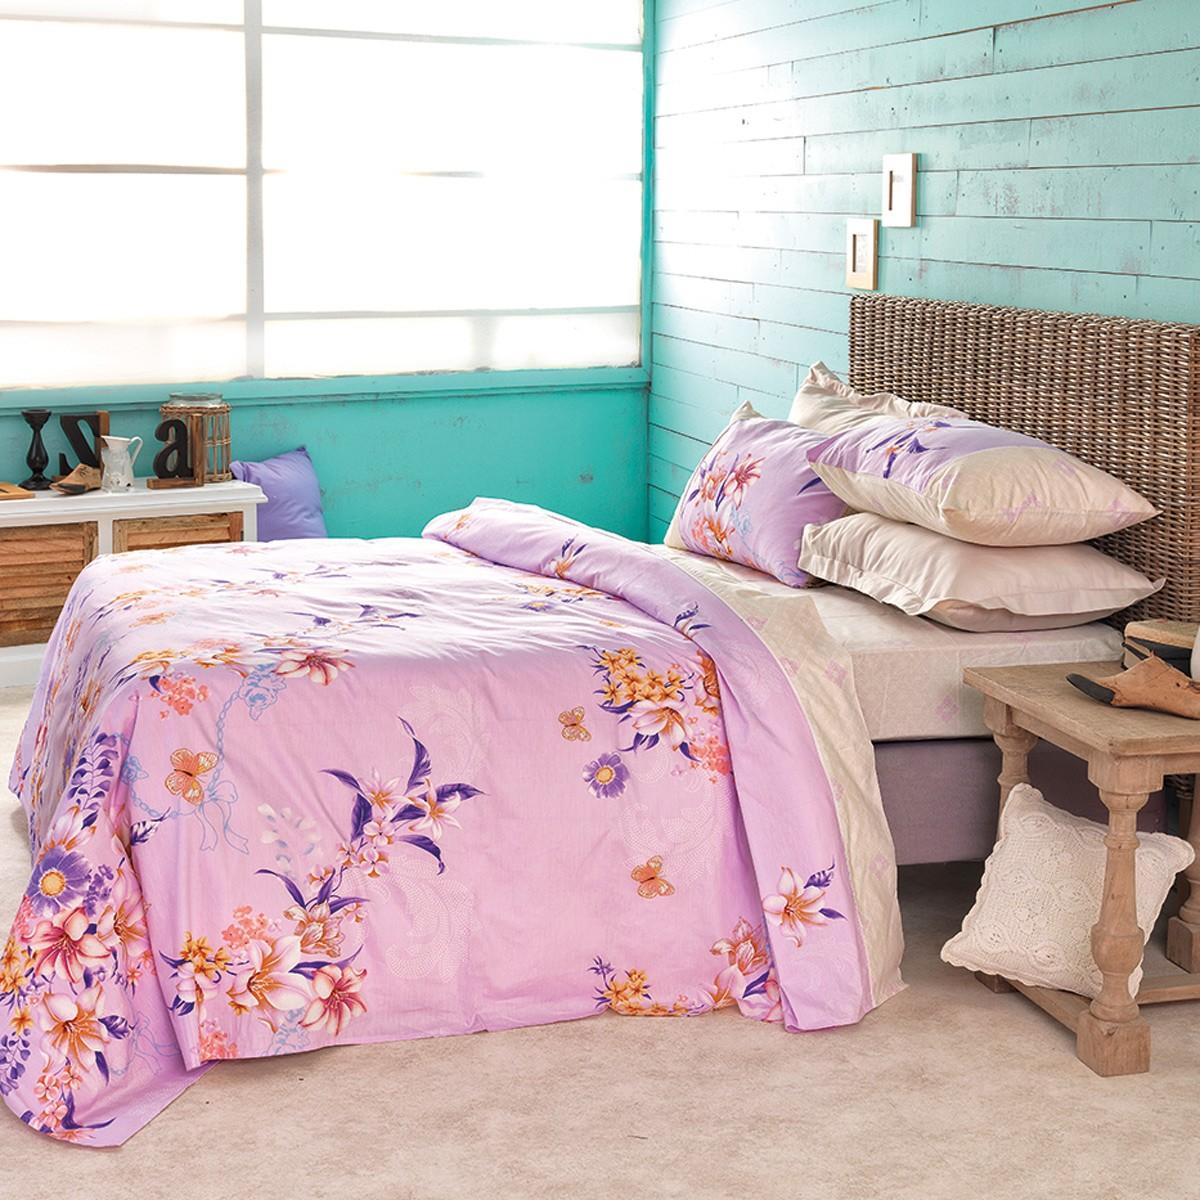 Σεντόνια Μονά (Σετ) Palamaiki Satin Beauty 4273 home   κρεβατοκάμαρα   σεντόνια   σεντόνια μονά